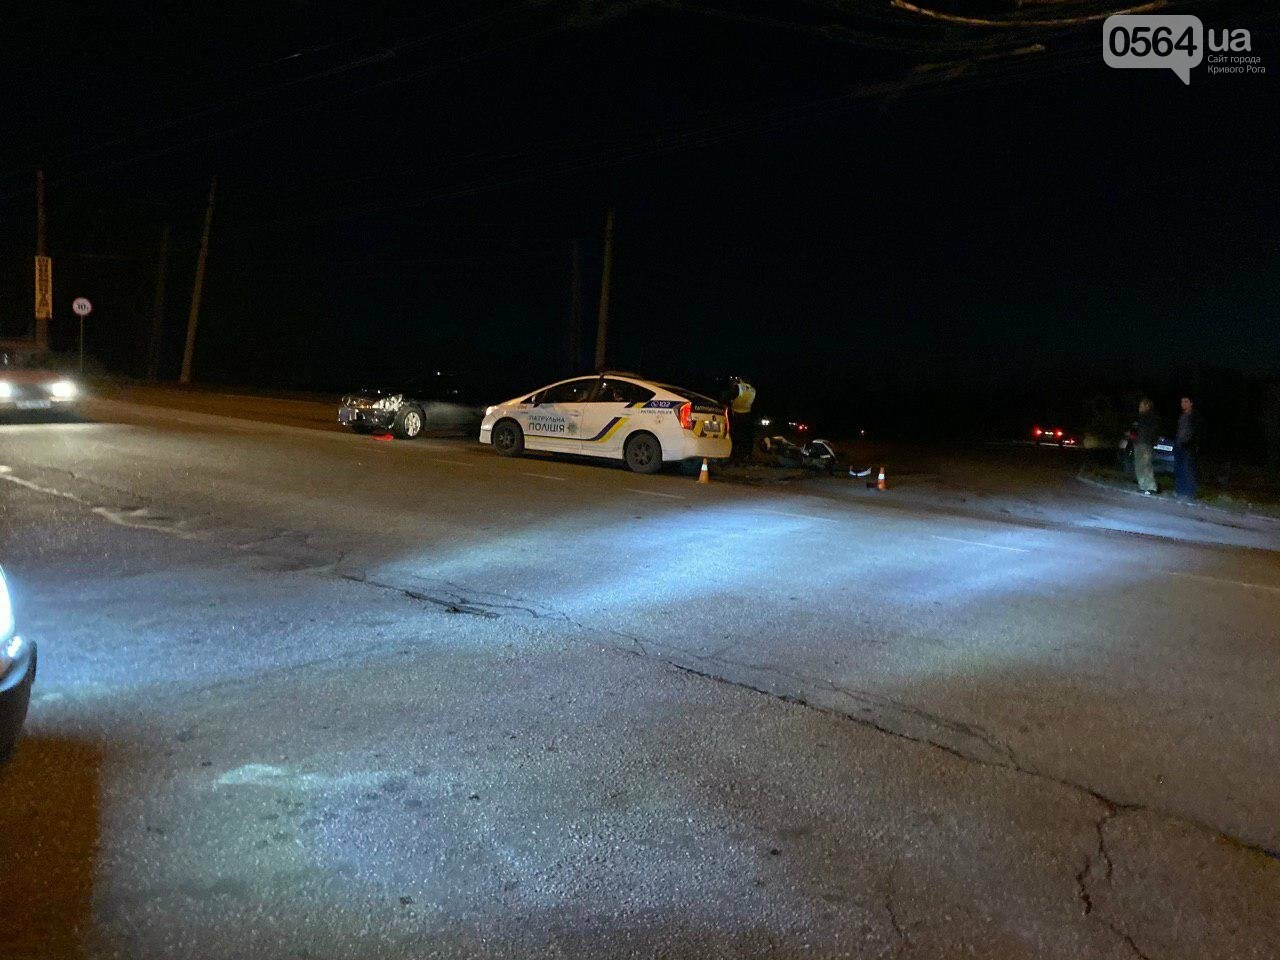 Тройное ДТП в Кривом Роге - дорогу не поделили мотоцикл и две легковушки. Есть пострадавшие, - ФОТО, ВИДЕО, фото-18